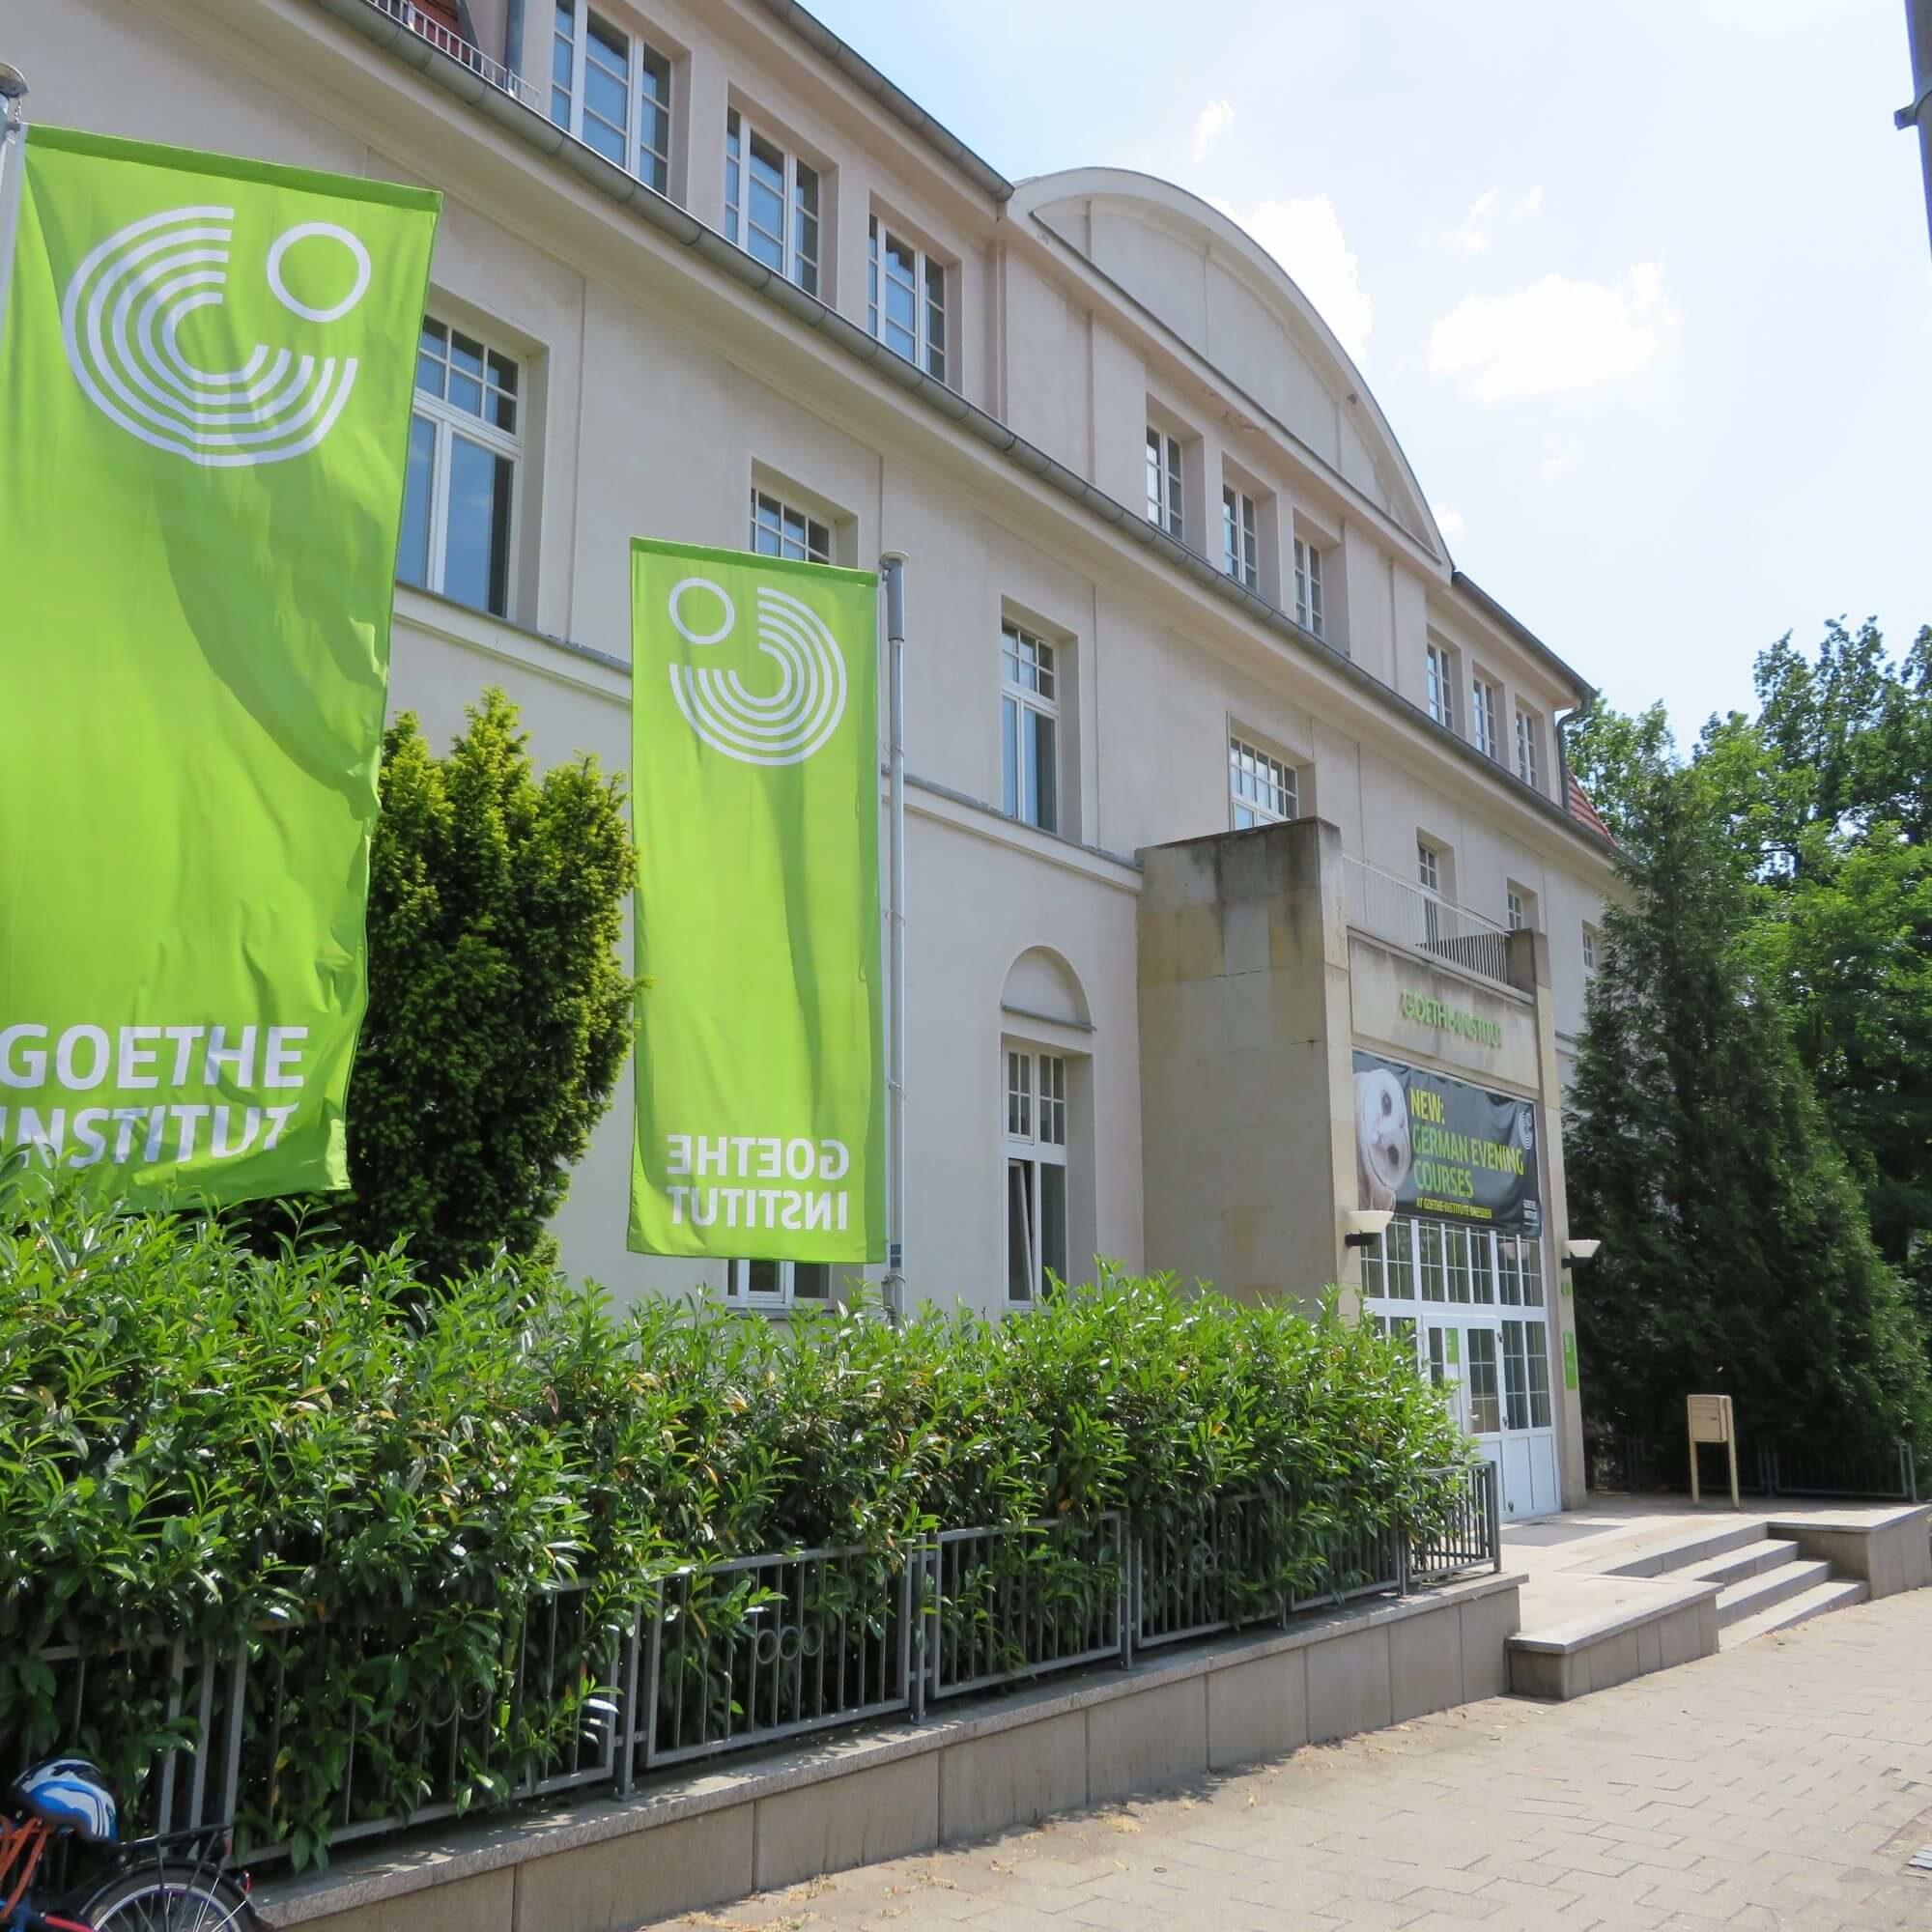 The Goethe-Institut Dresden from outside